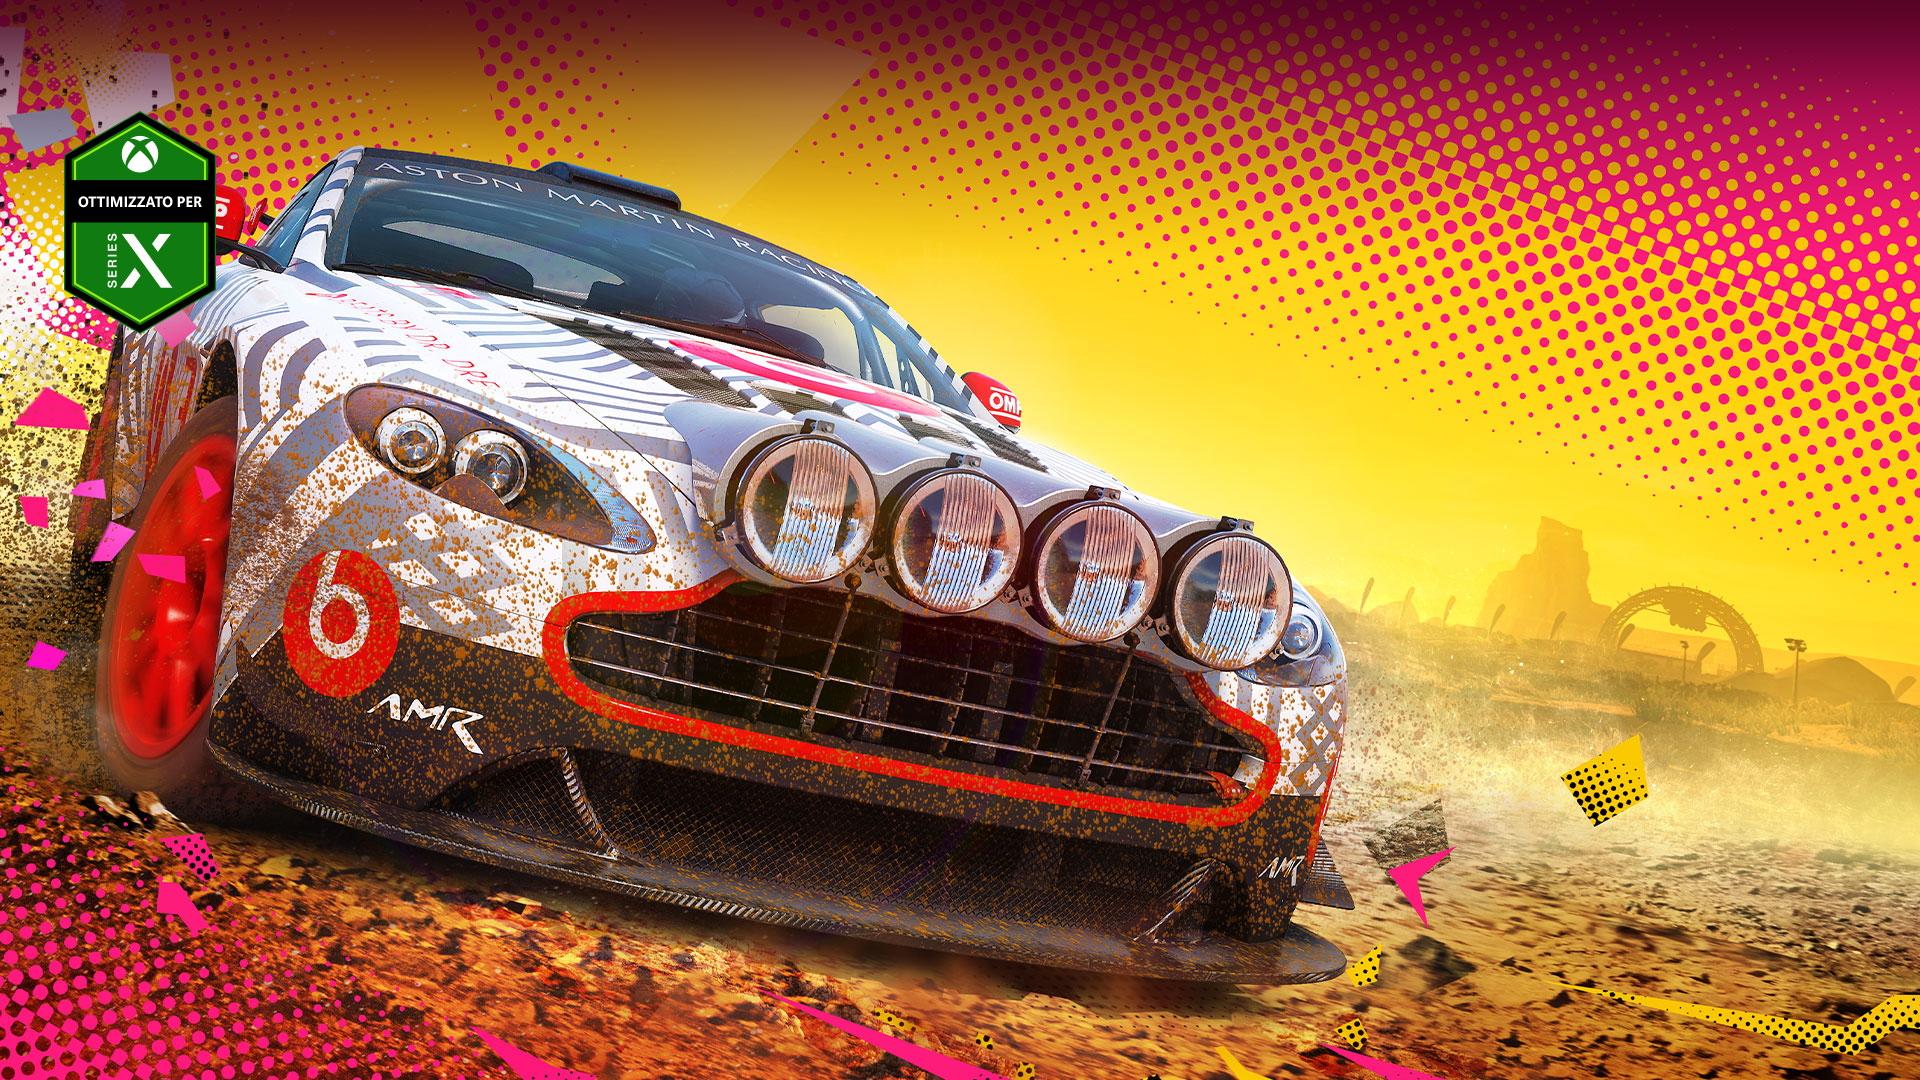 Logo Ottimizzato per Series X, Un'auto nel fango su uno sfondo giallo e rosa